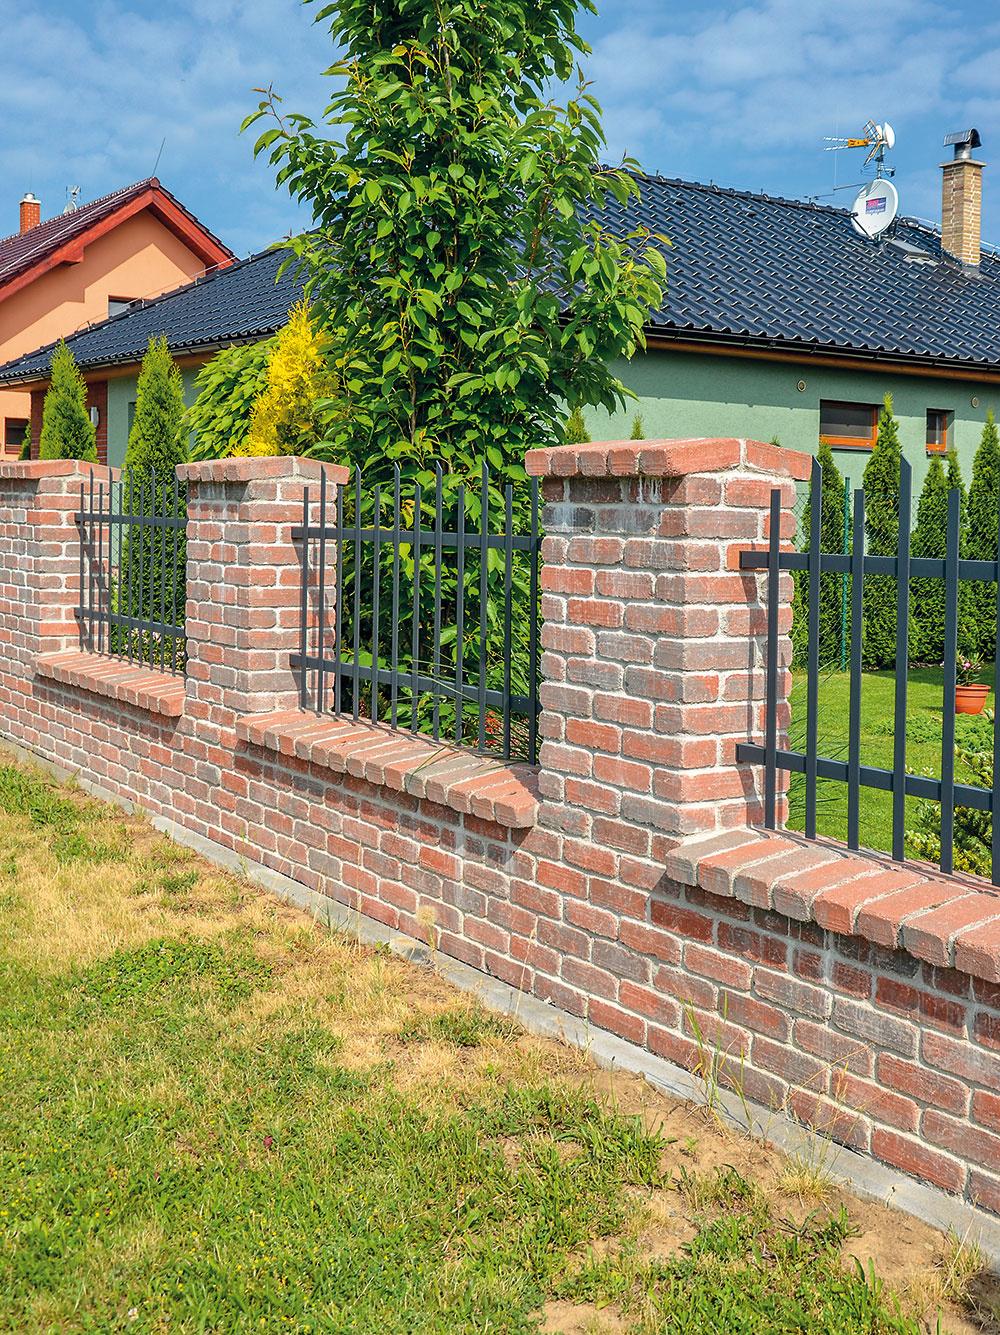 Vidiecky šmrnc dodajú múrom betónové lícové tehly BCL od firmy Presbeton. Povrch lícových tehál nie je potrebné ďalej omietať, tehly sú trvanlivé, mrazuvzdorné amajú príjemný vzhľad. Môžete si vybrať buď celkom hladké, alebo sotlčeným vzhľadom.